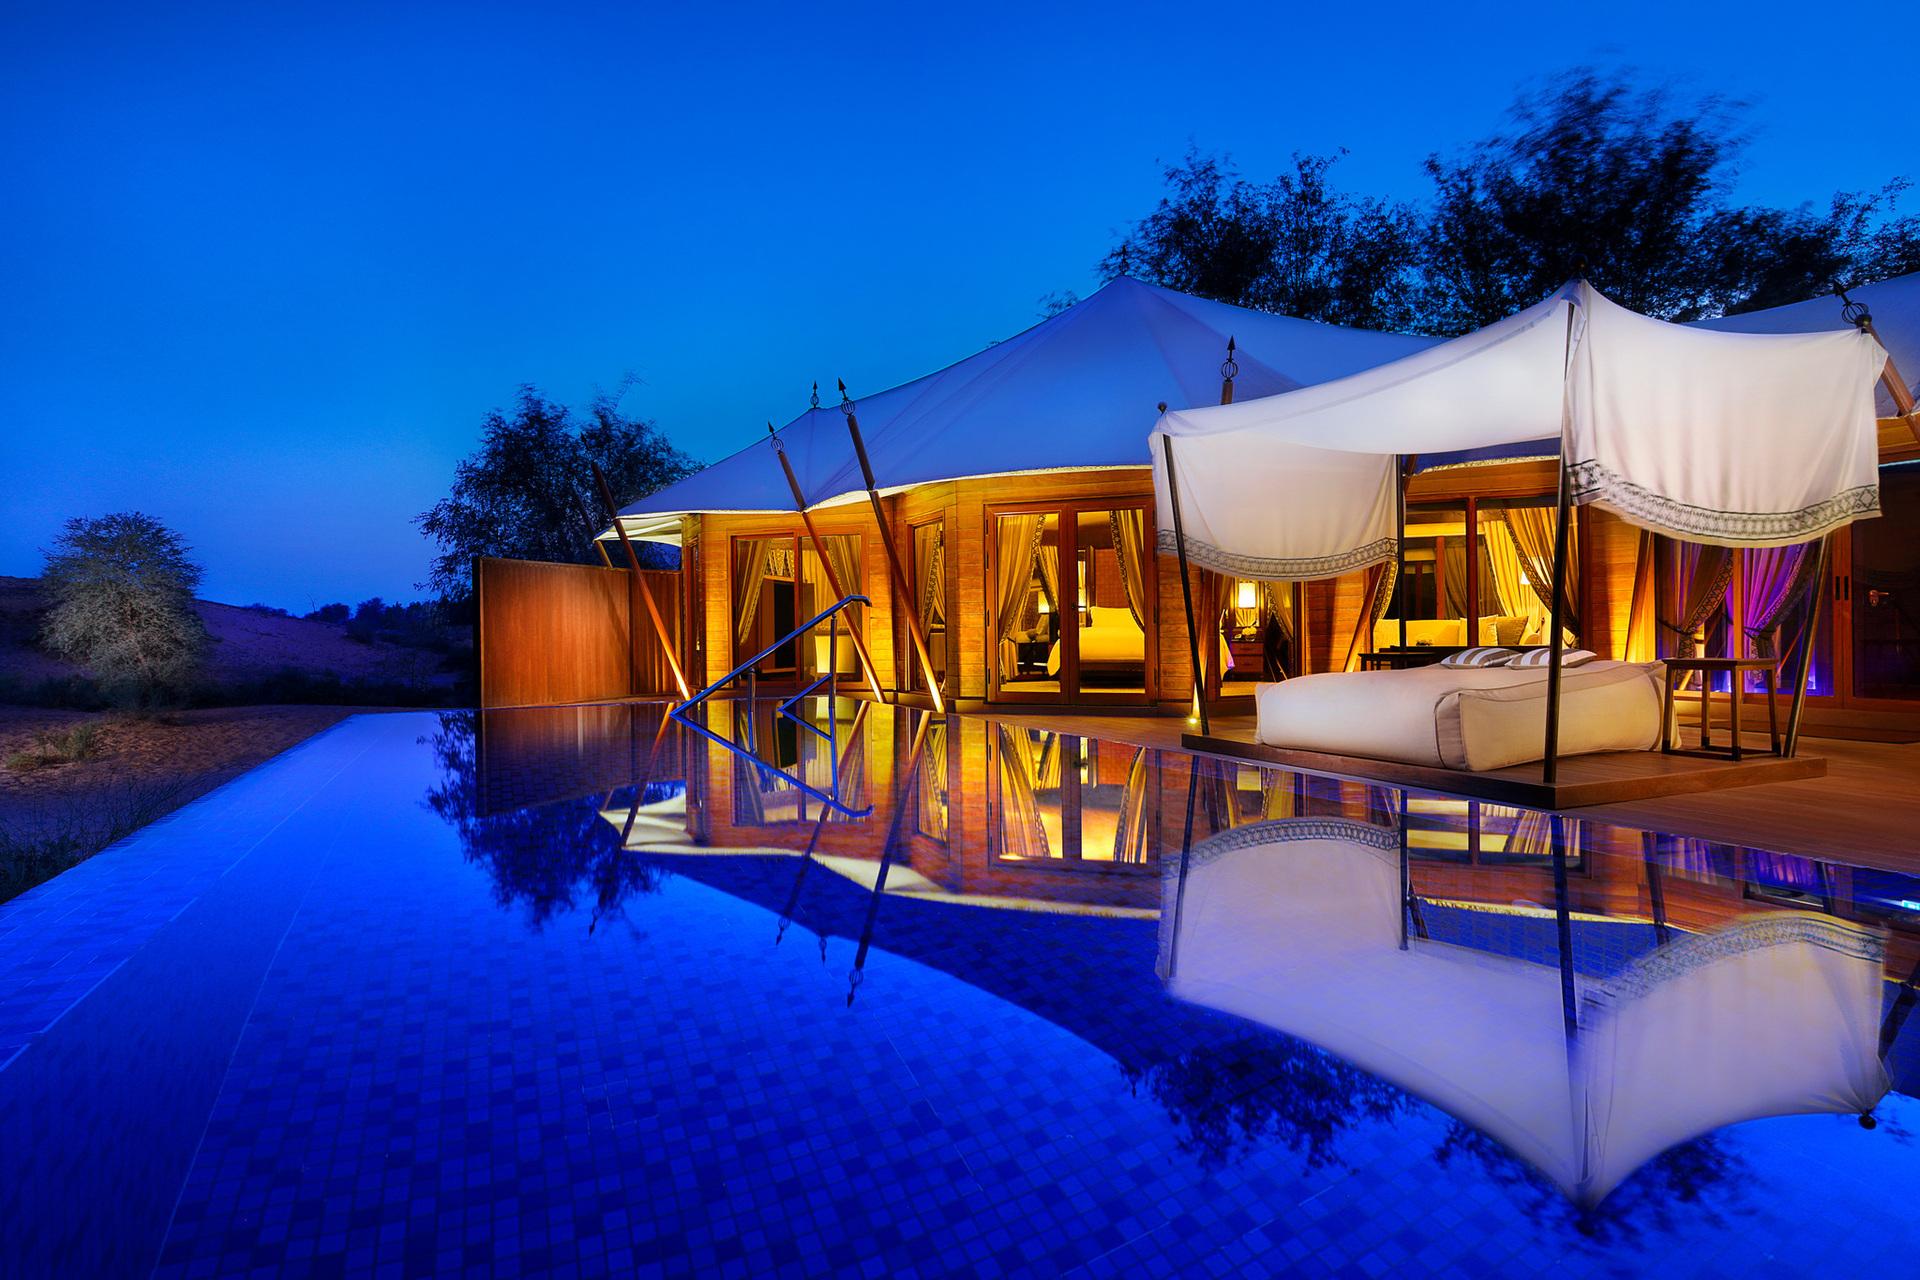 Незвичайним дизайном відрізняються номери категорії Tented pool villa: вони створені у вигляді наметів бедуїнів, а внутрішнє оздоблення своєю розкішшю не поступається відомим східним палацам.